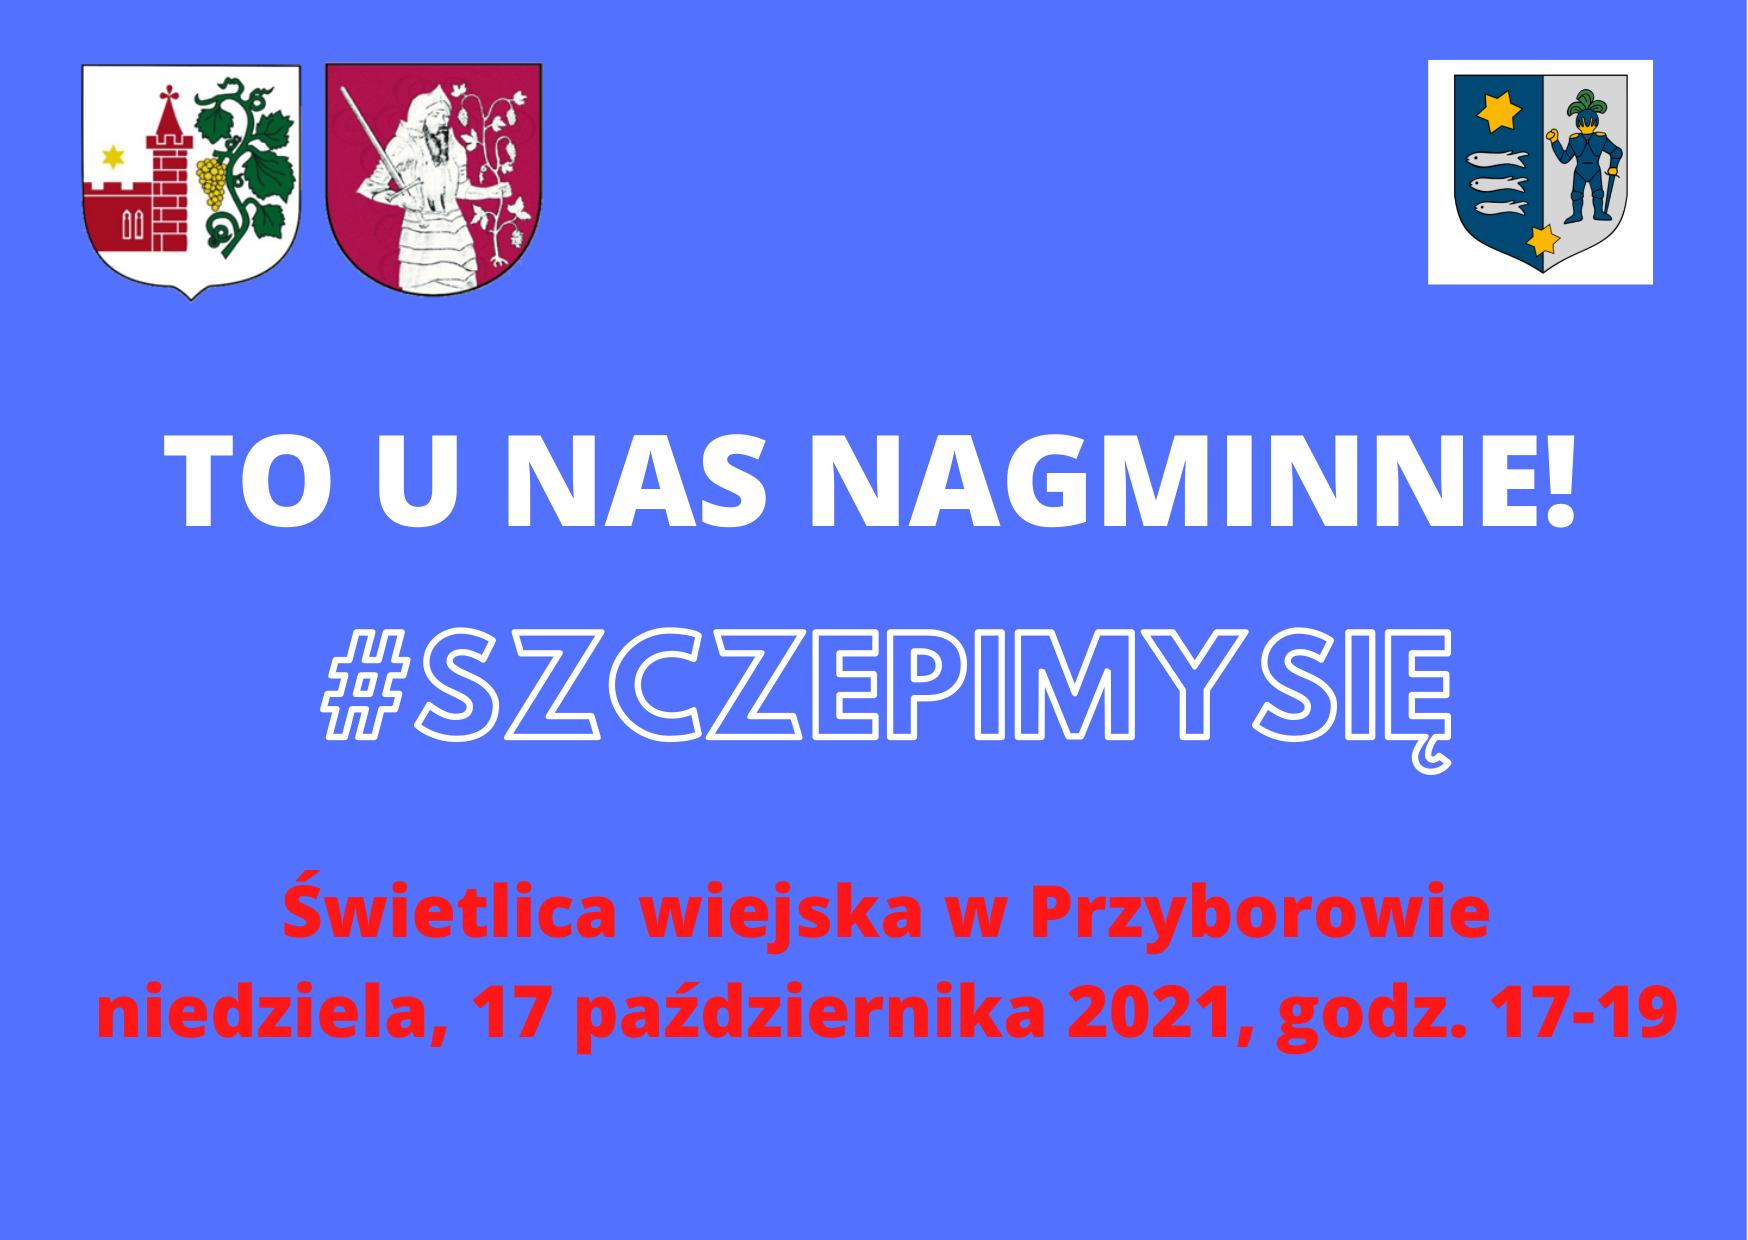 Plakat promujący szczepienie w Przyborowie.